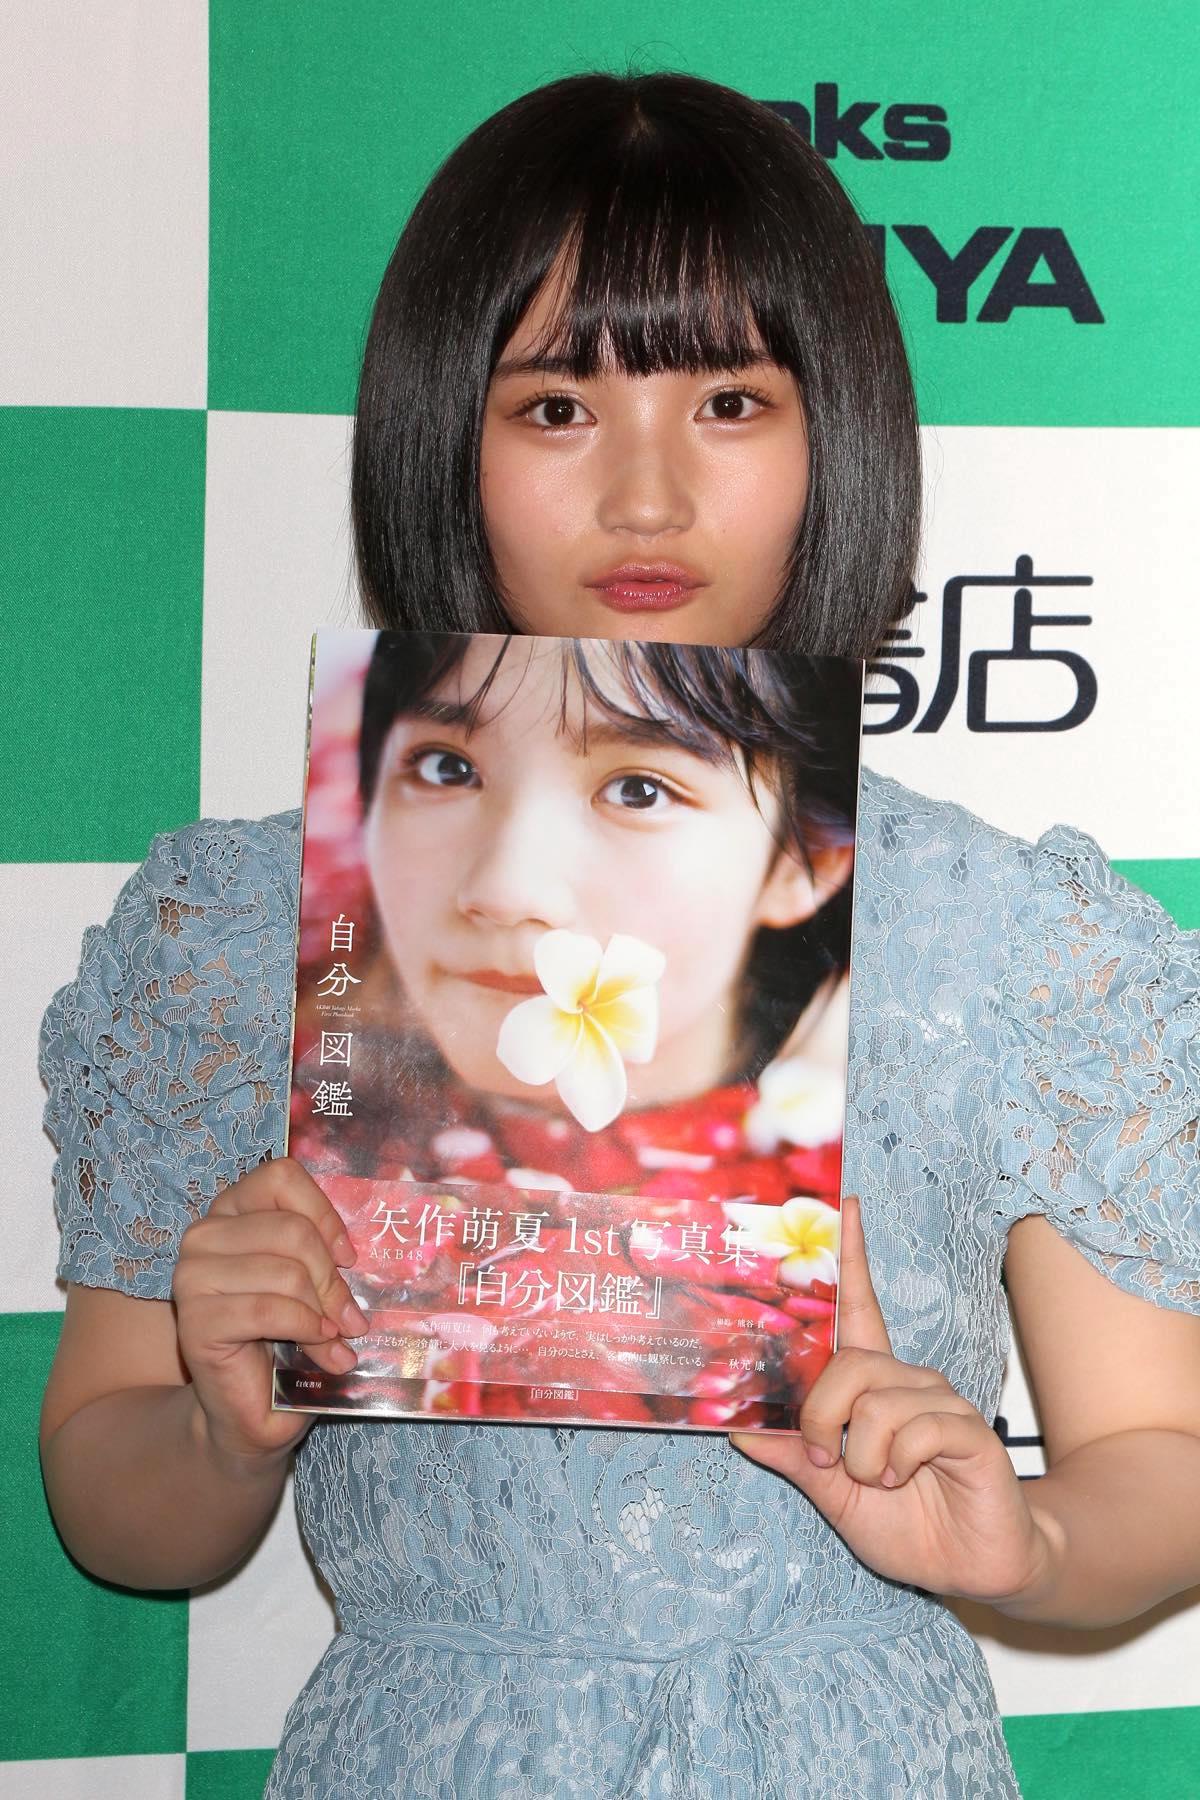 AKB48矢作萌夏「頑張っちゃった」1st写真集の見どころは?【写真28枚】の画像028